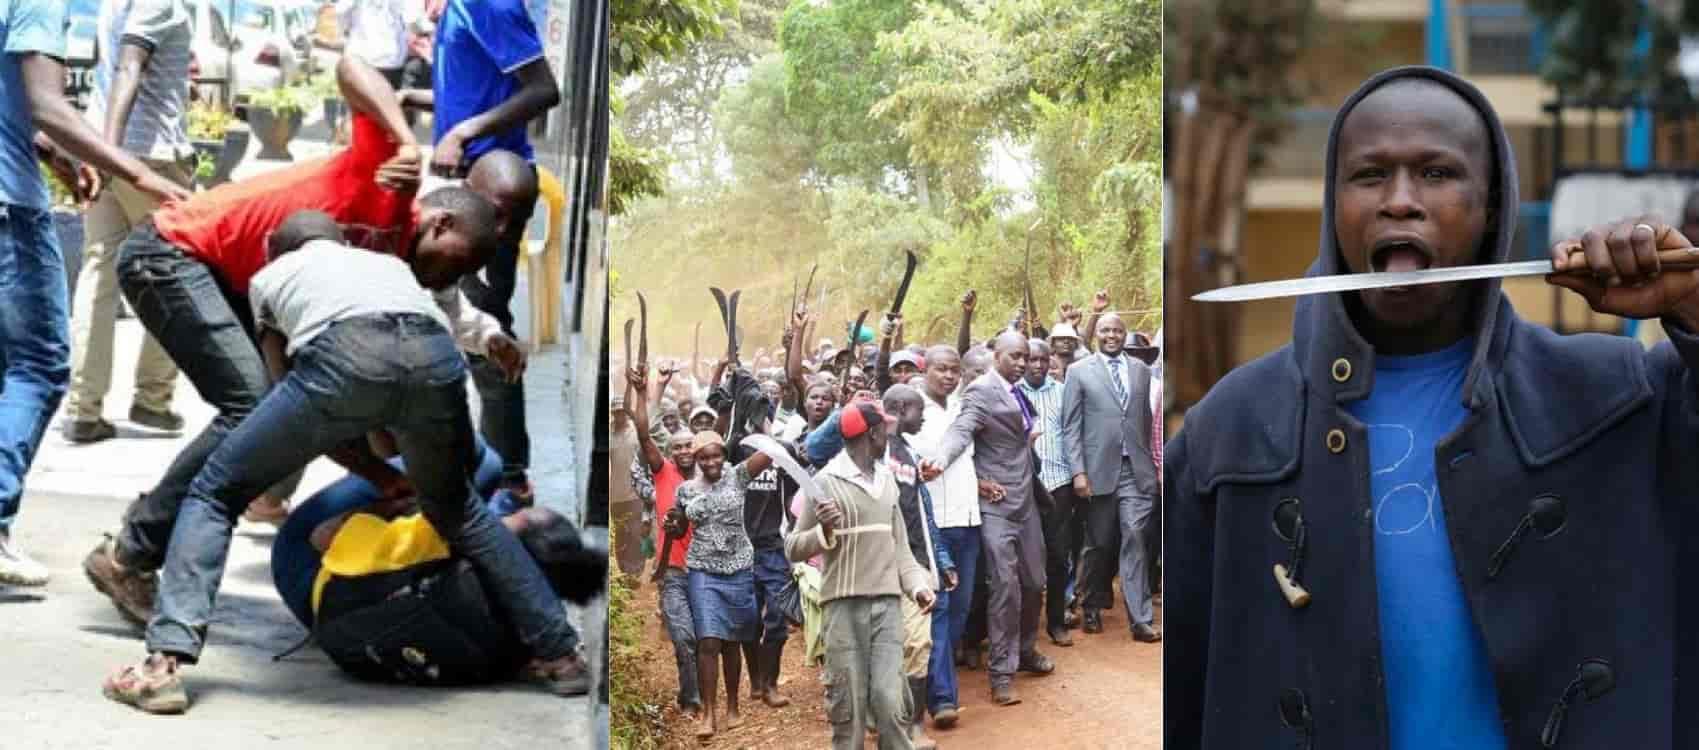 mungiki gang knives and violence